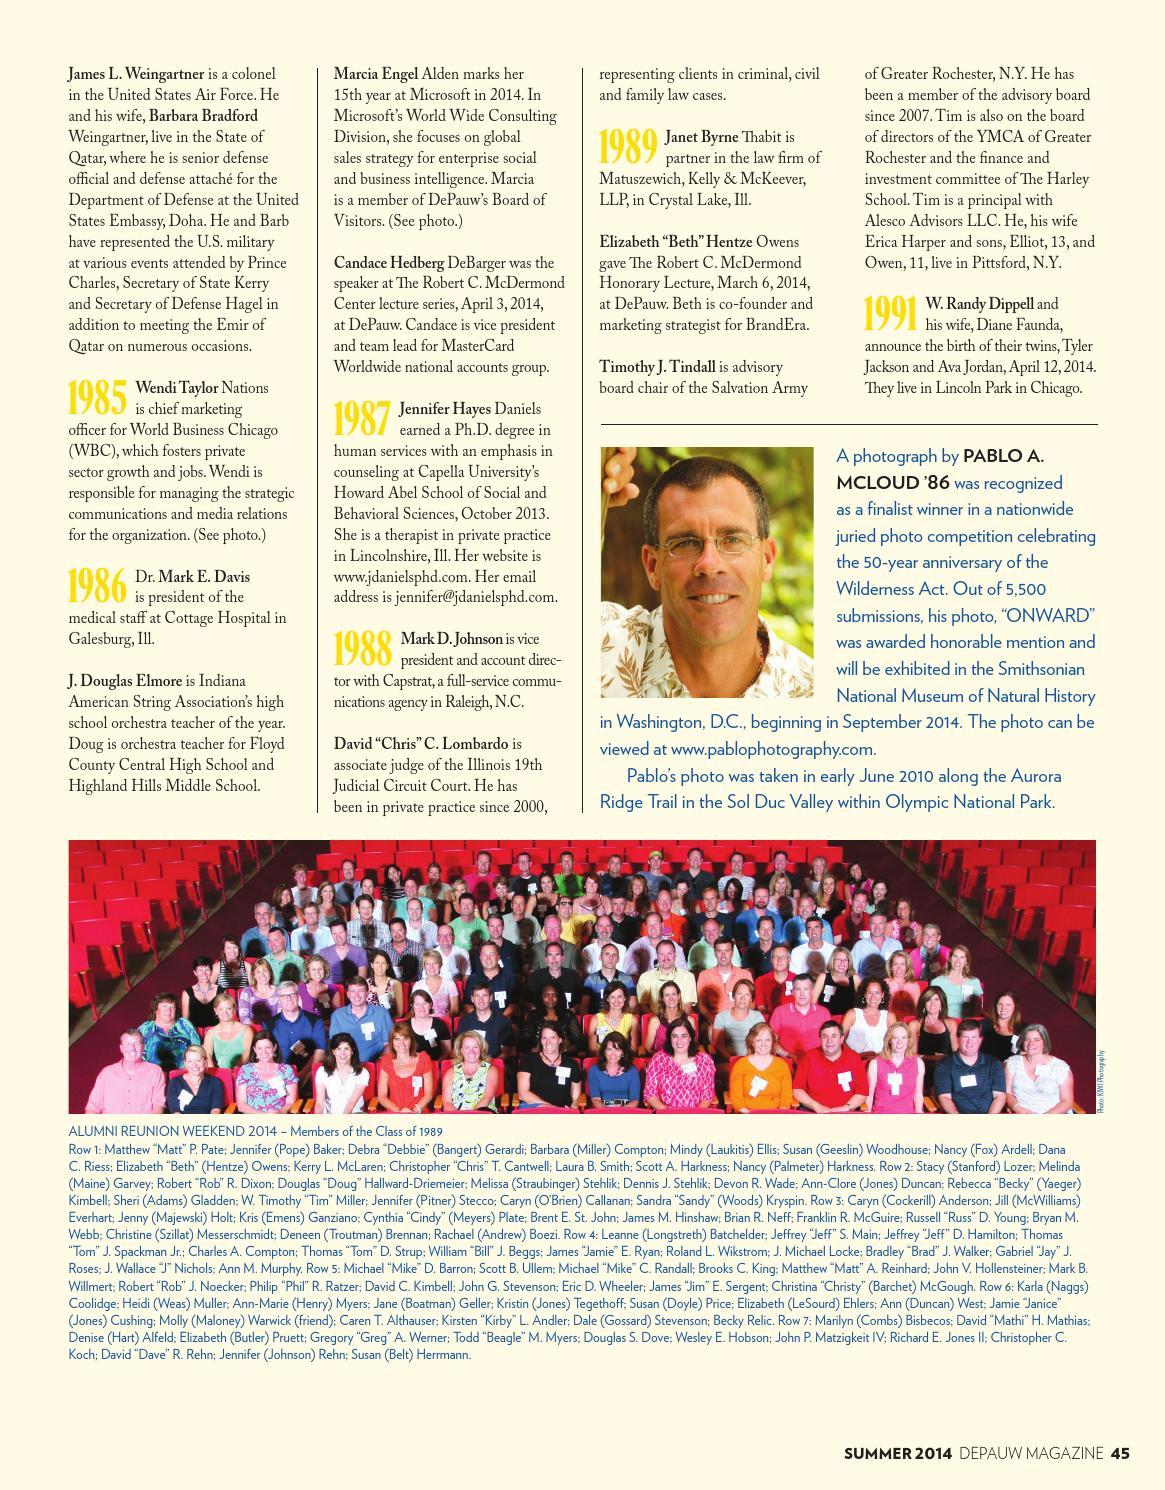 DePauw Magazine Summer 2014 by DePauw University